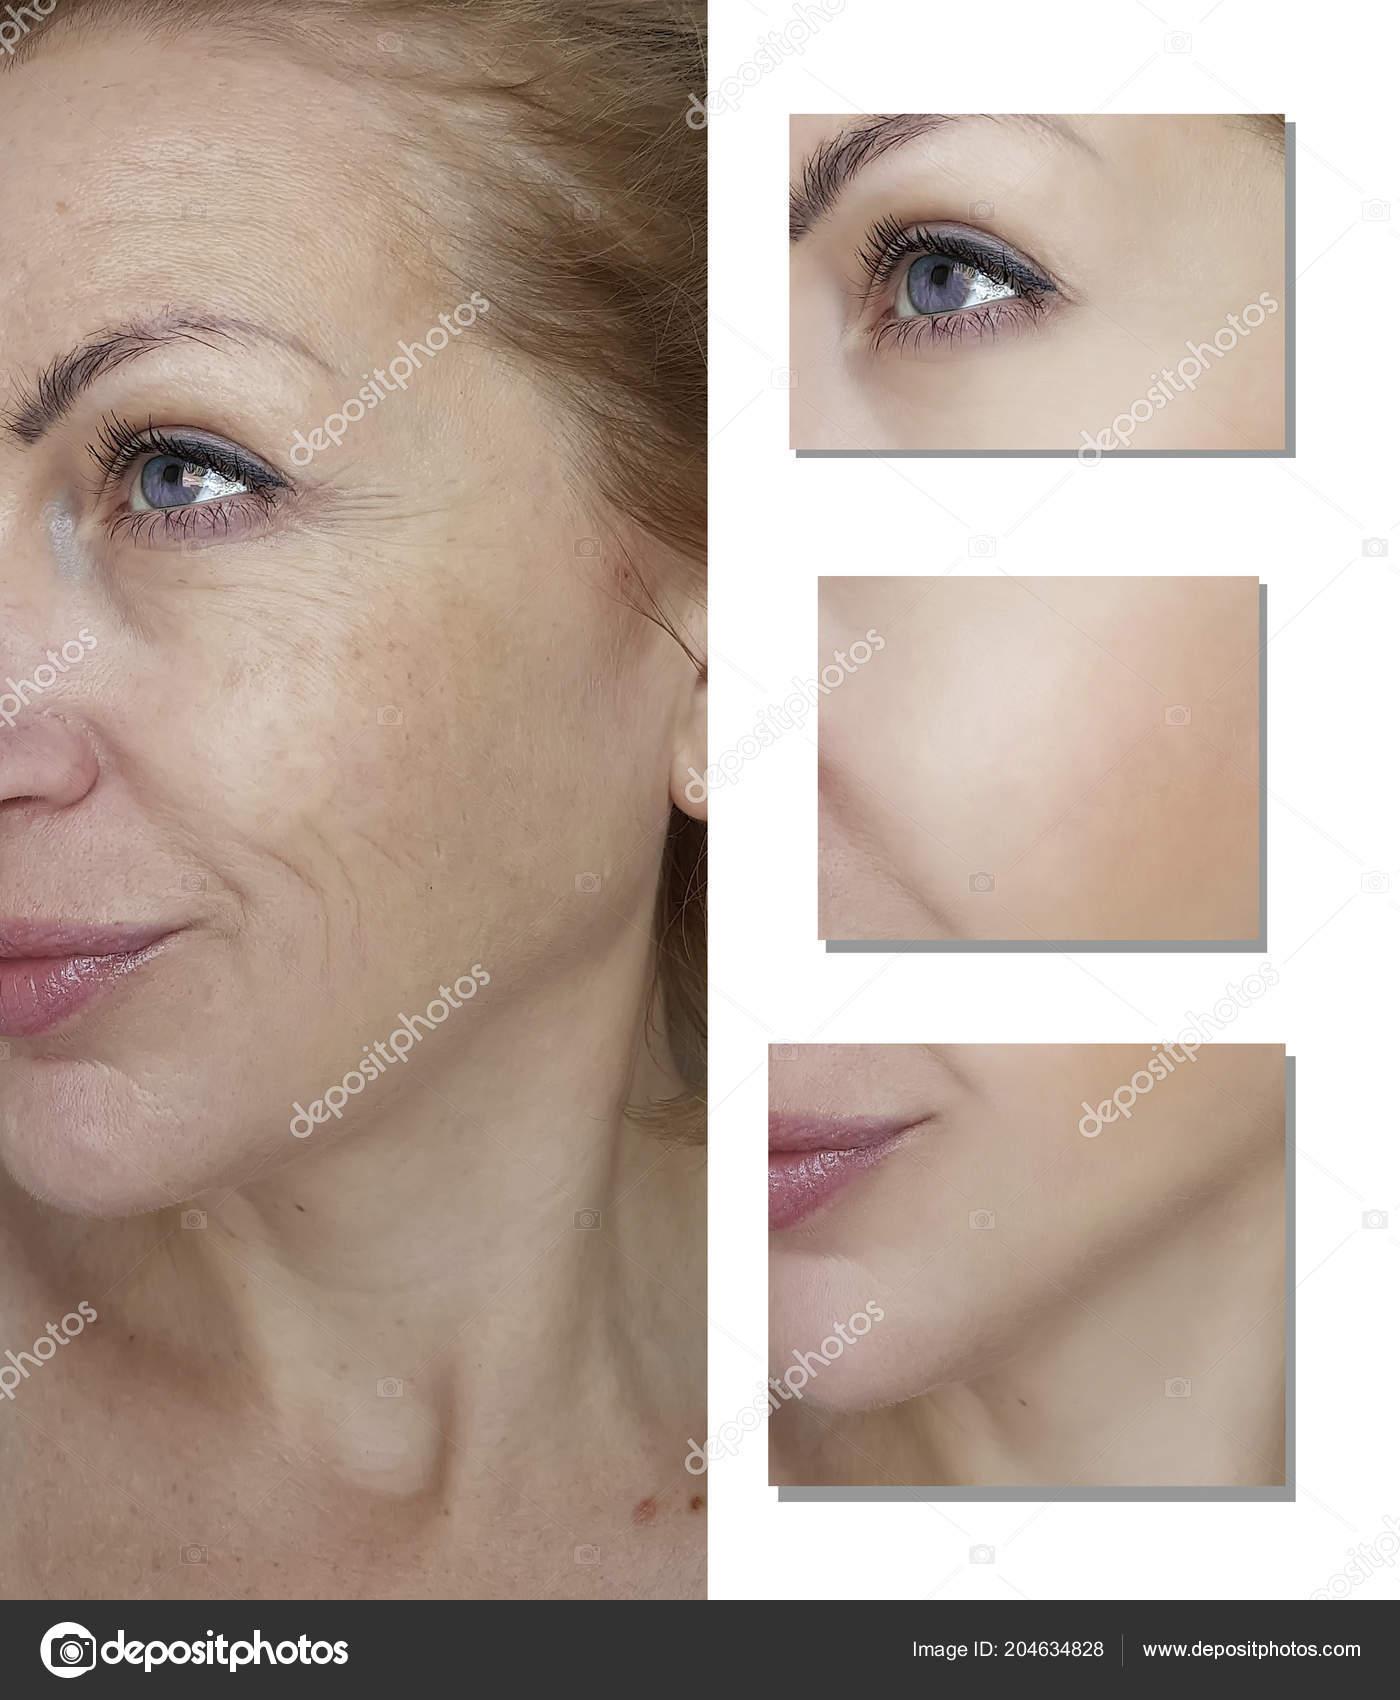 b6ecebc85f17 Falten Gesicht Frau Vor Und Nach Verfahren — Stockfoto © TanyaLovus ...